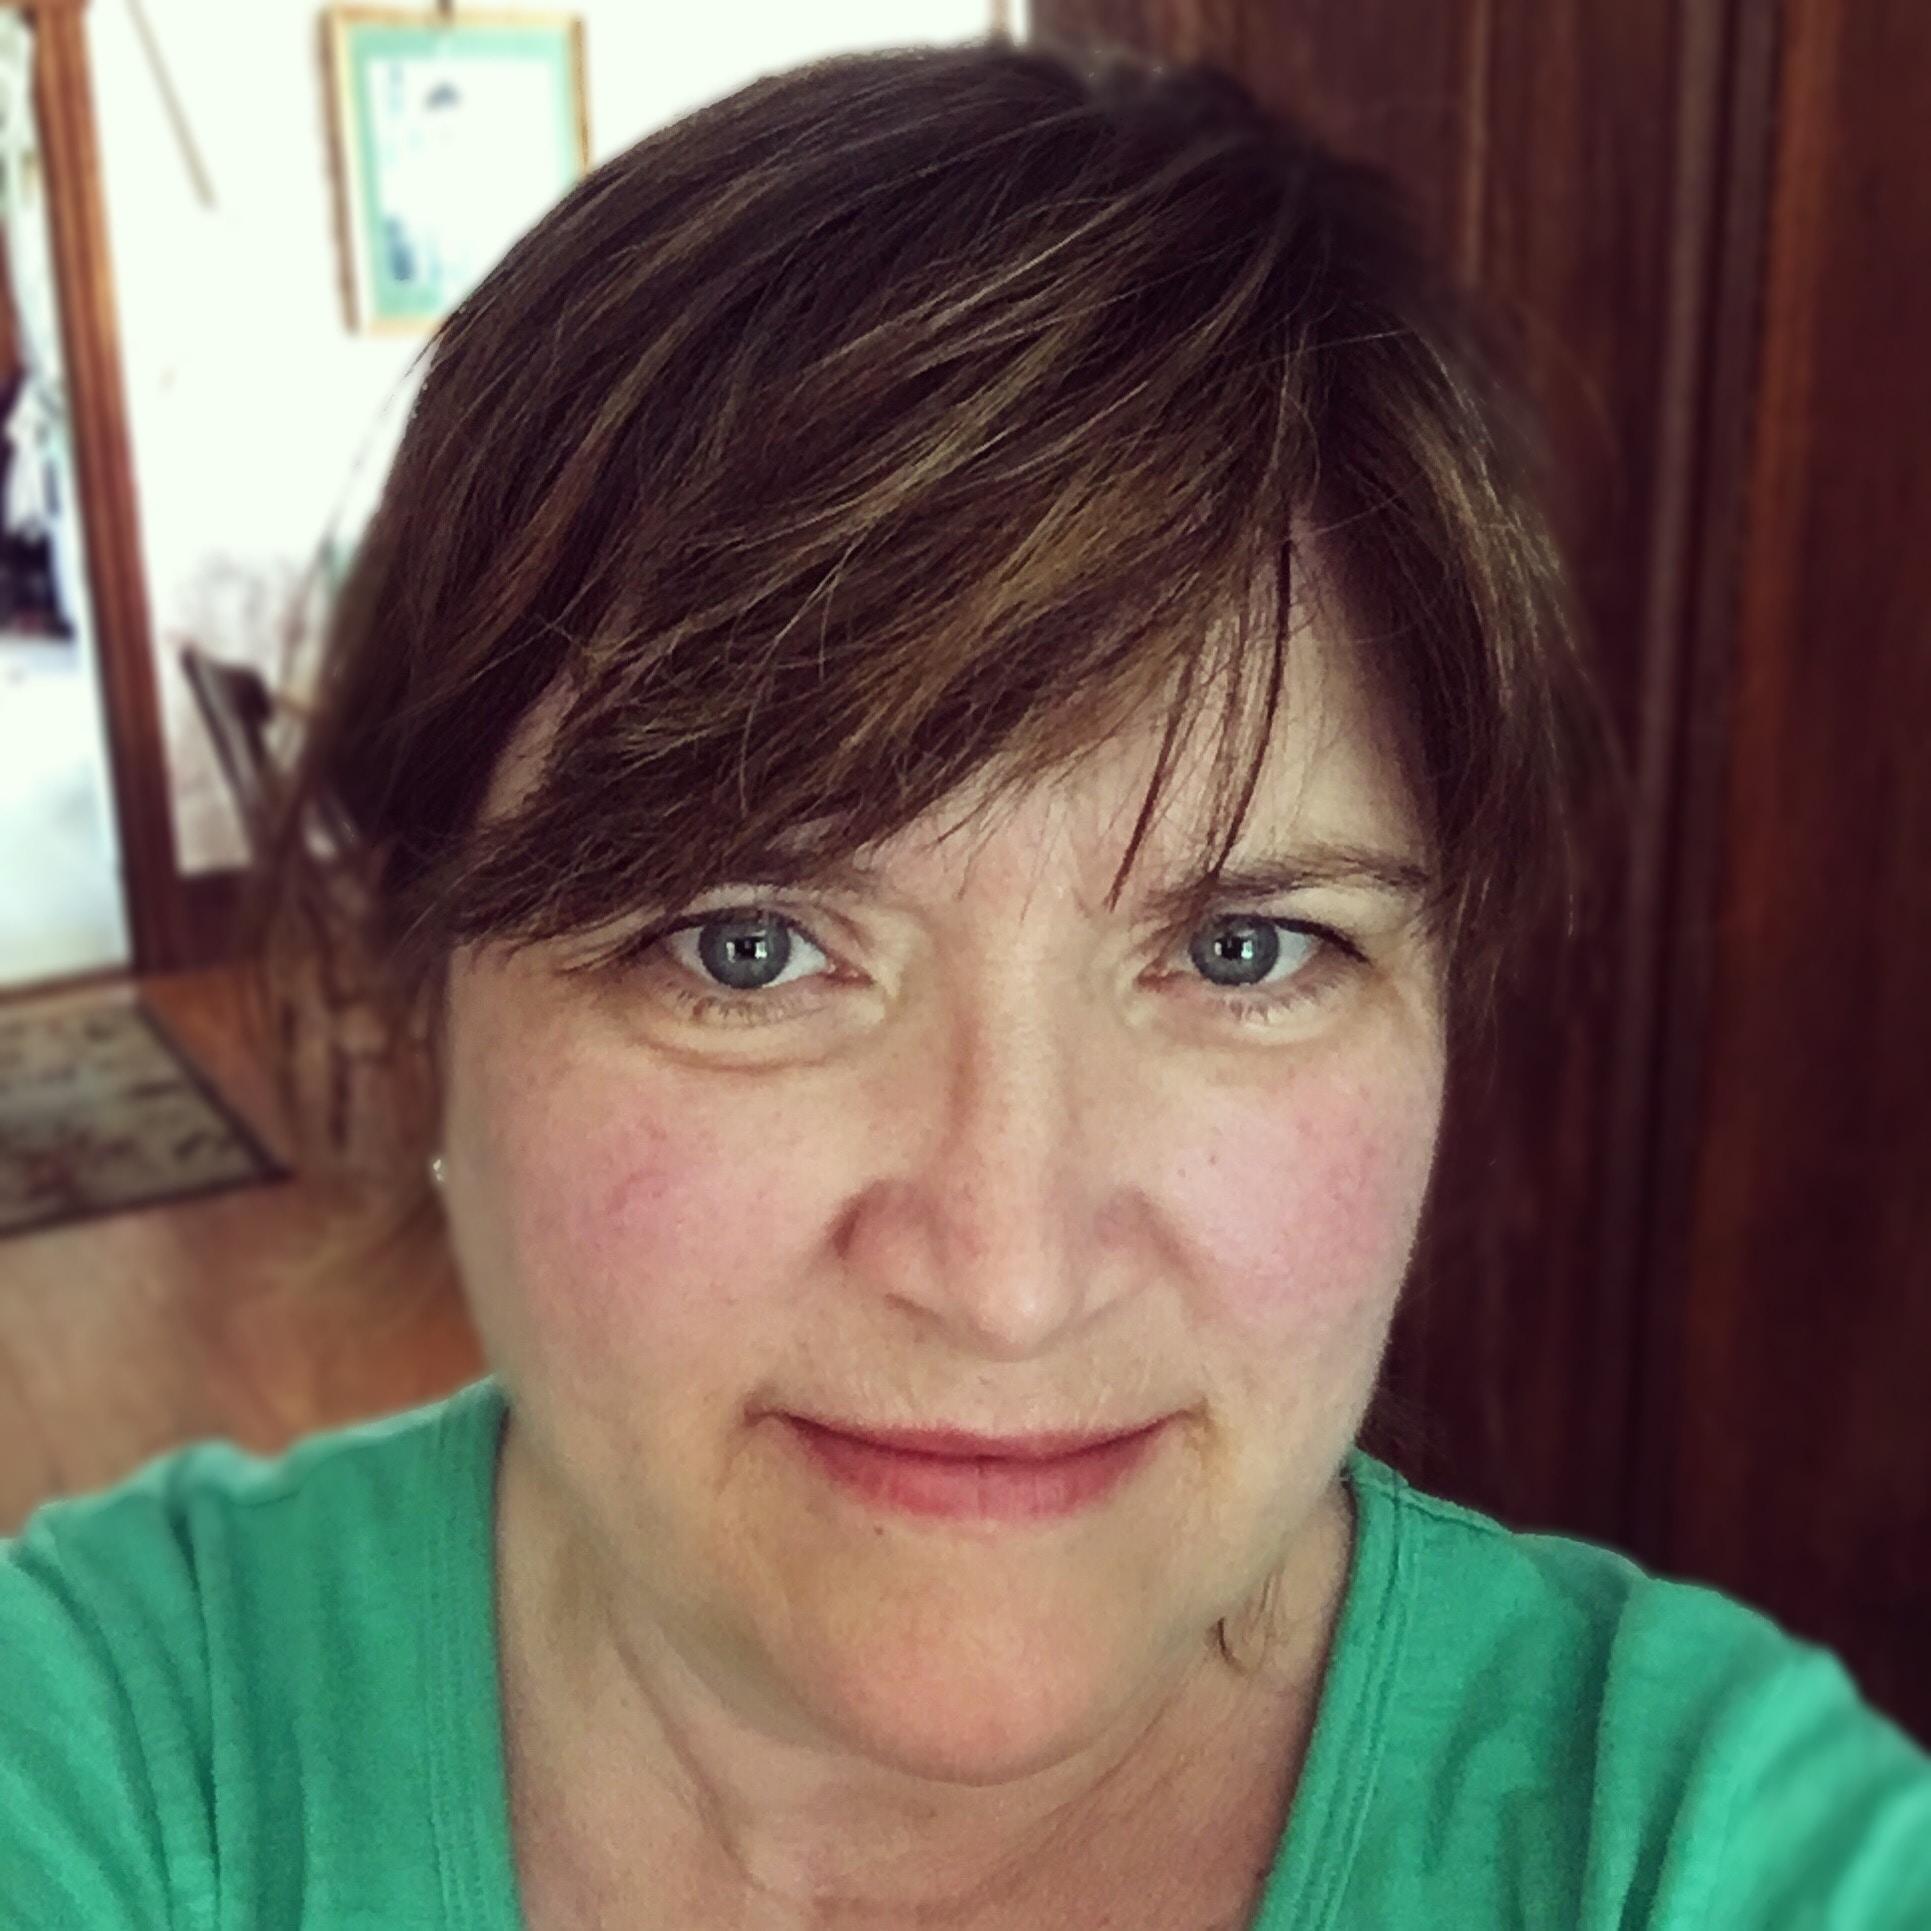 Go to Laura Briedis's profile